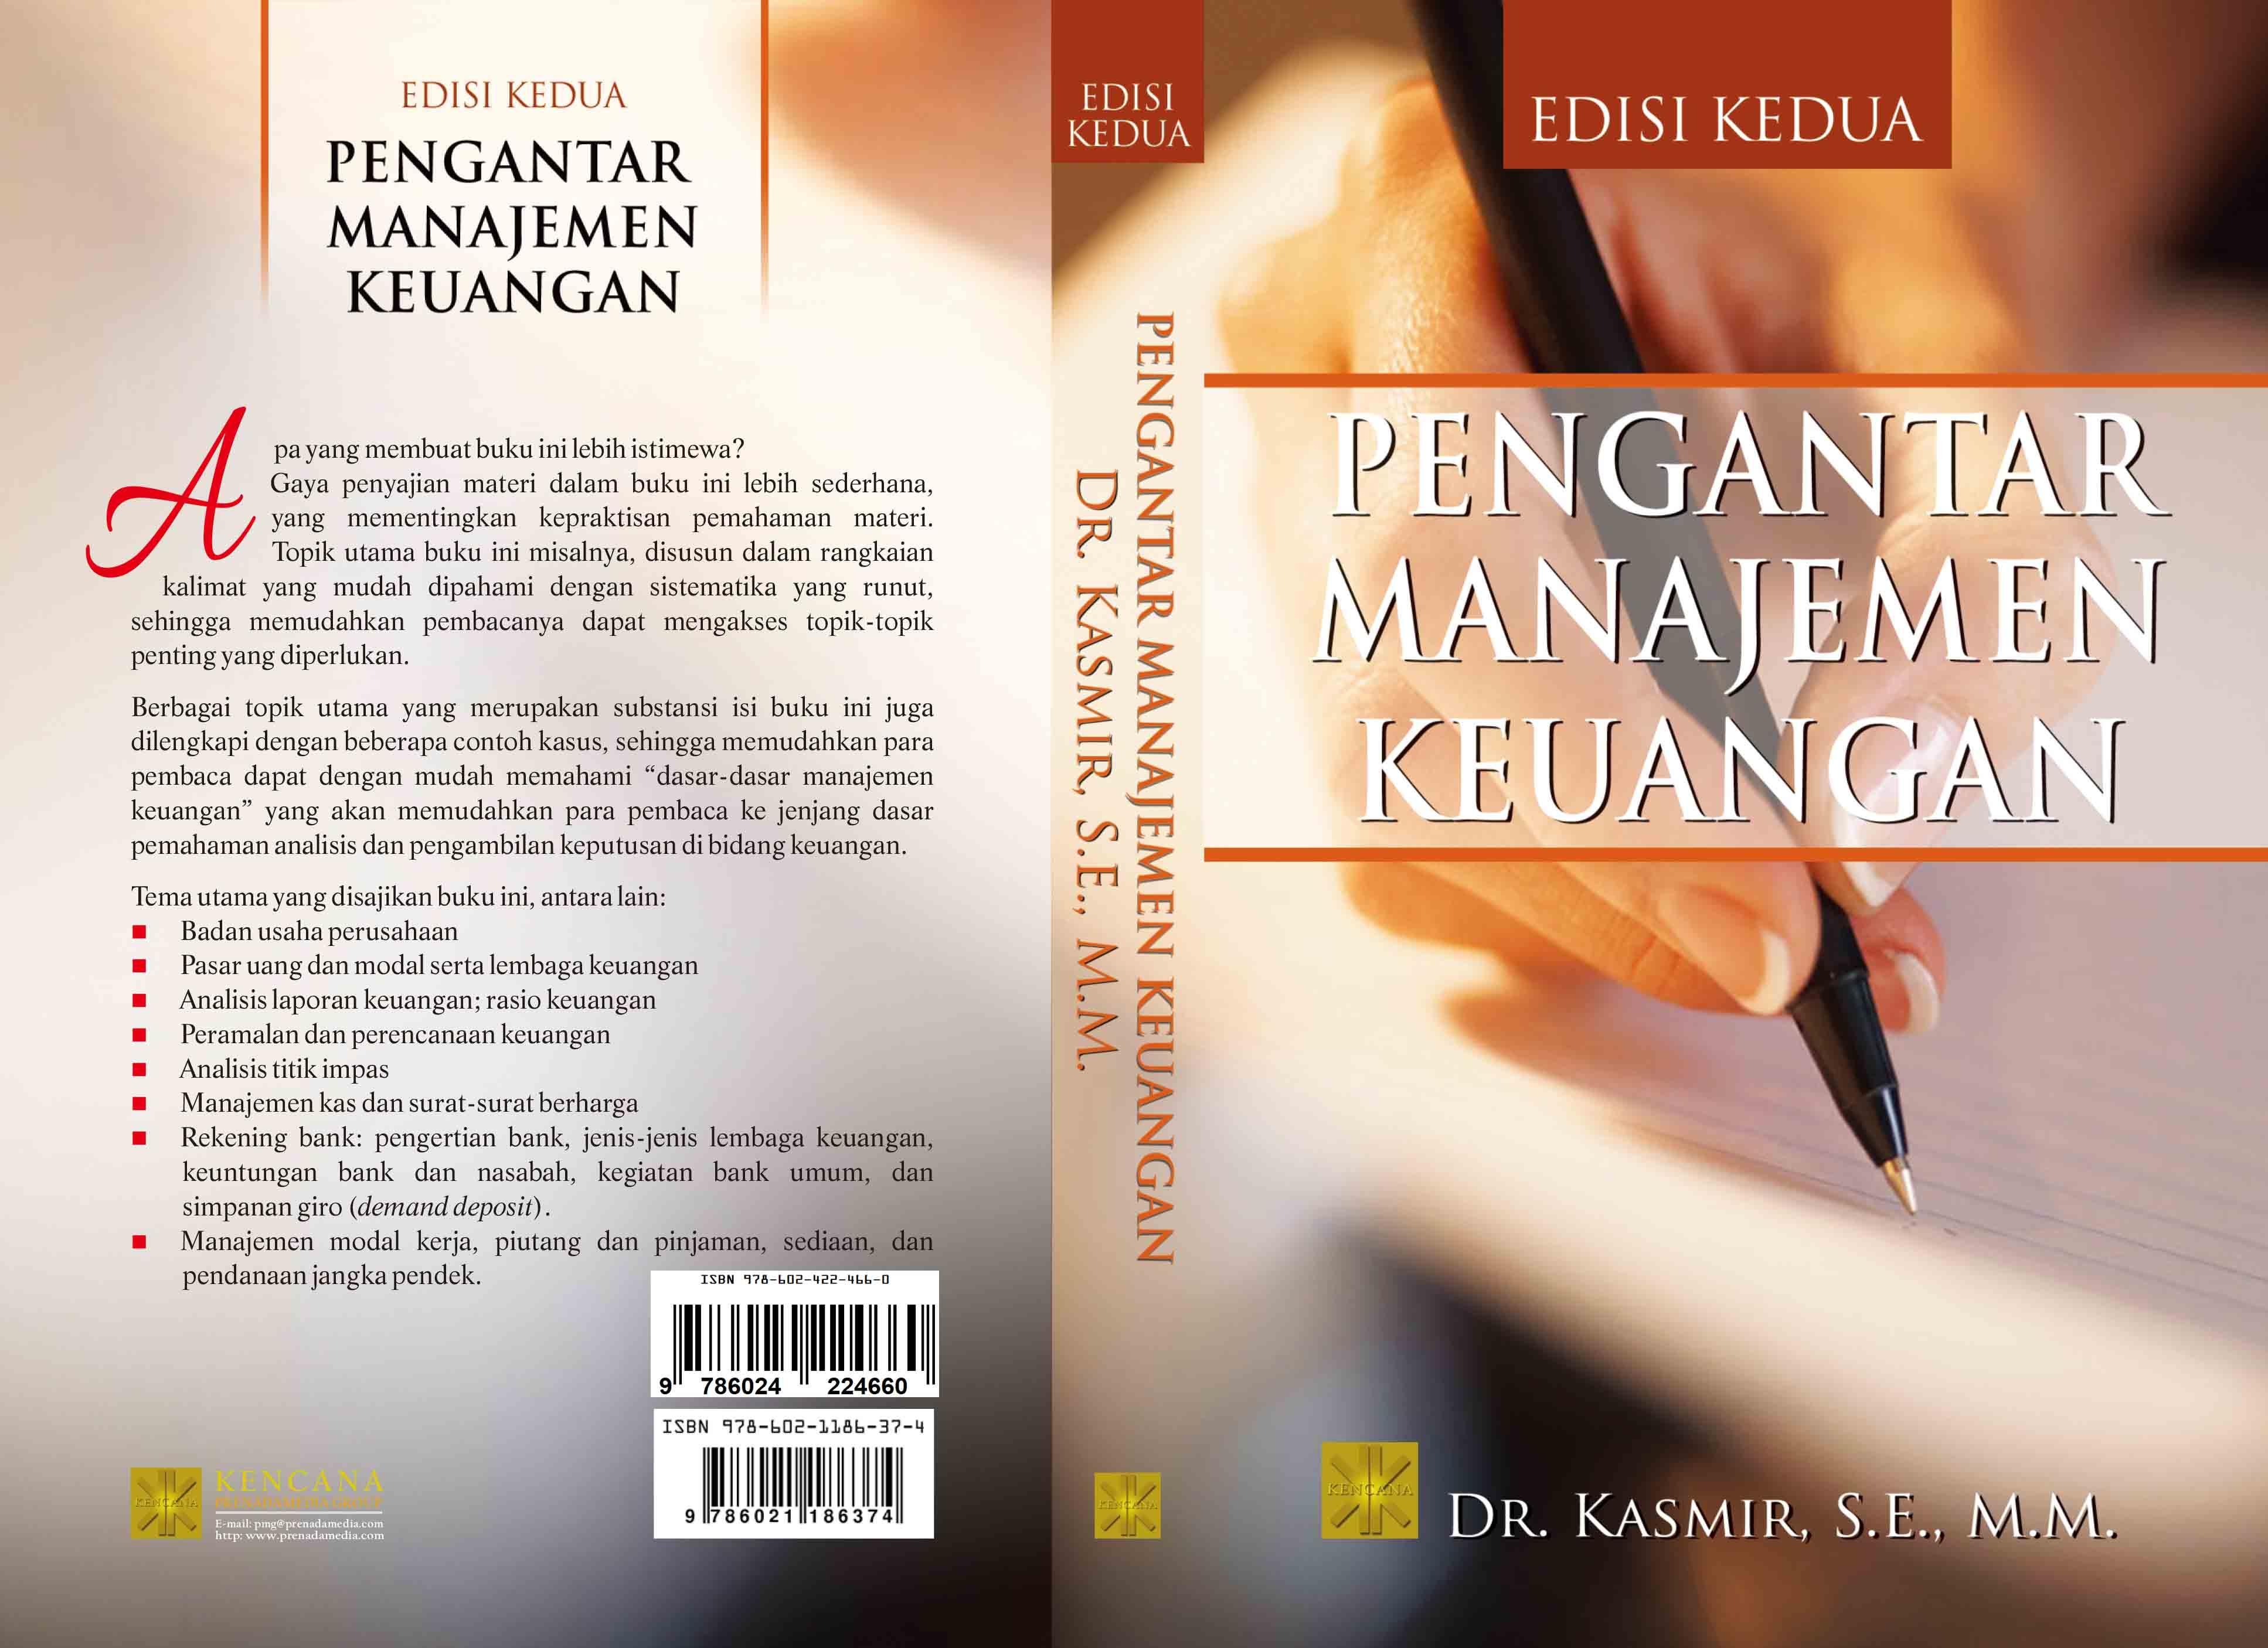 Pengantar manajemen keuangan Ed.2 [sumber elektronis]